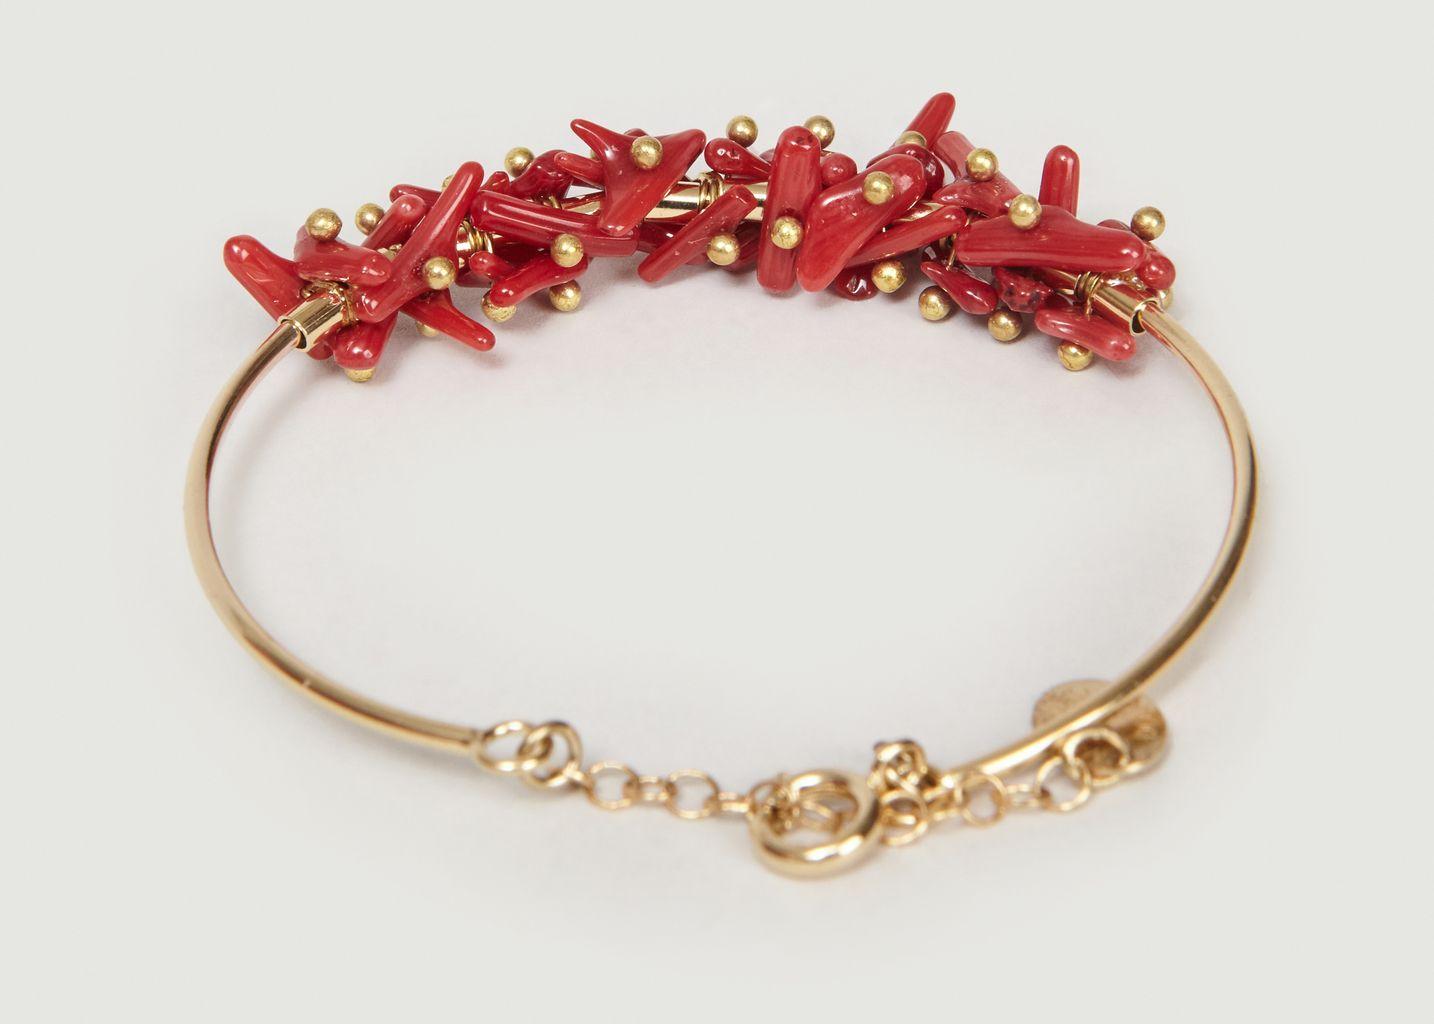 Bracelet Santorin - Medecine Douce